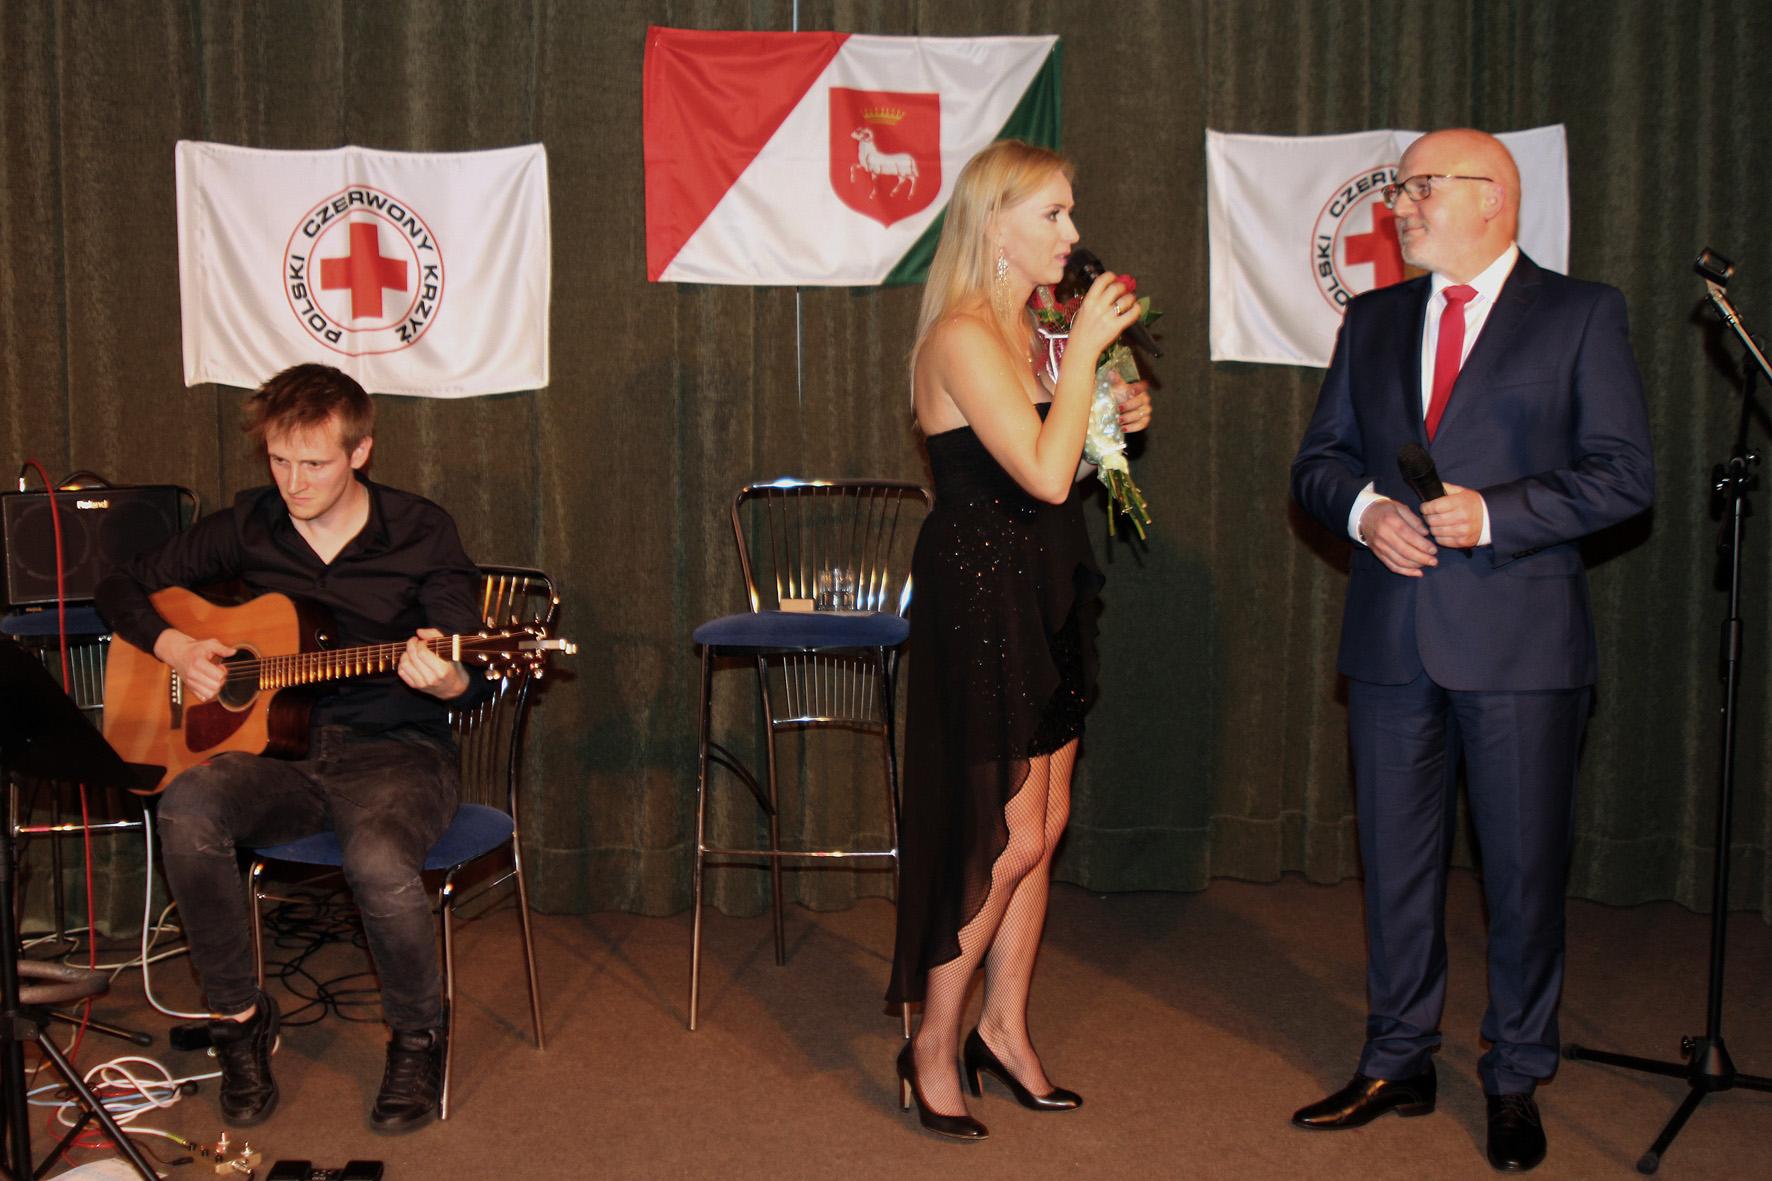 19 października 2019r. – koncert promujący honorowe krwiodawstwo naterenie gminy Karczew (fot.Leszek Kasprzak)